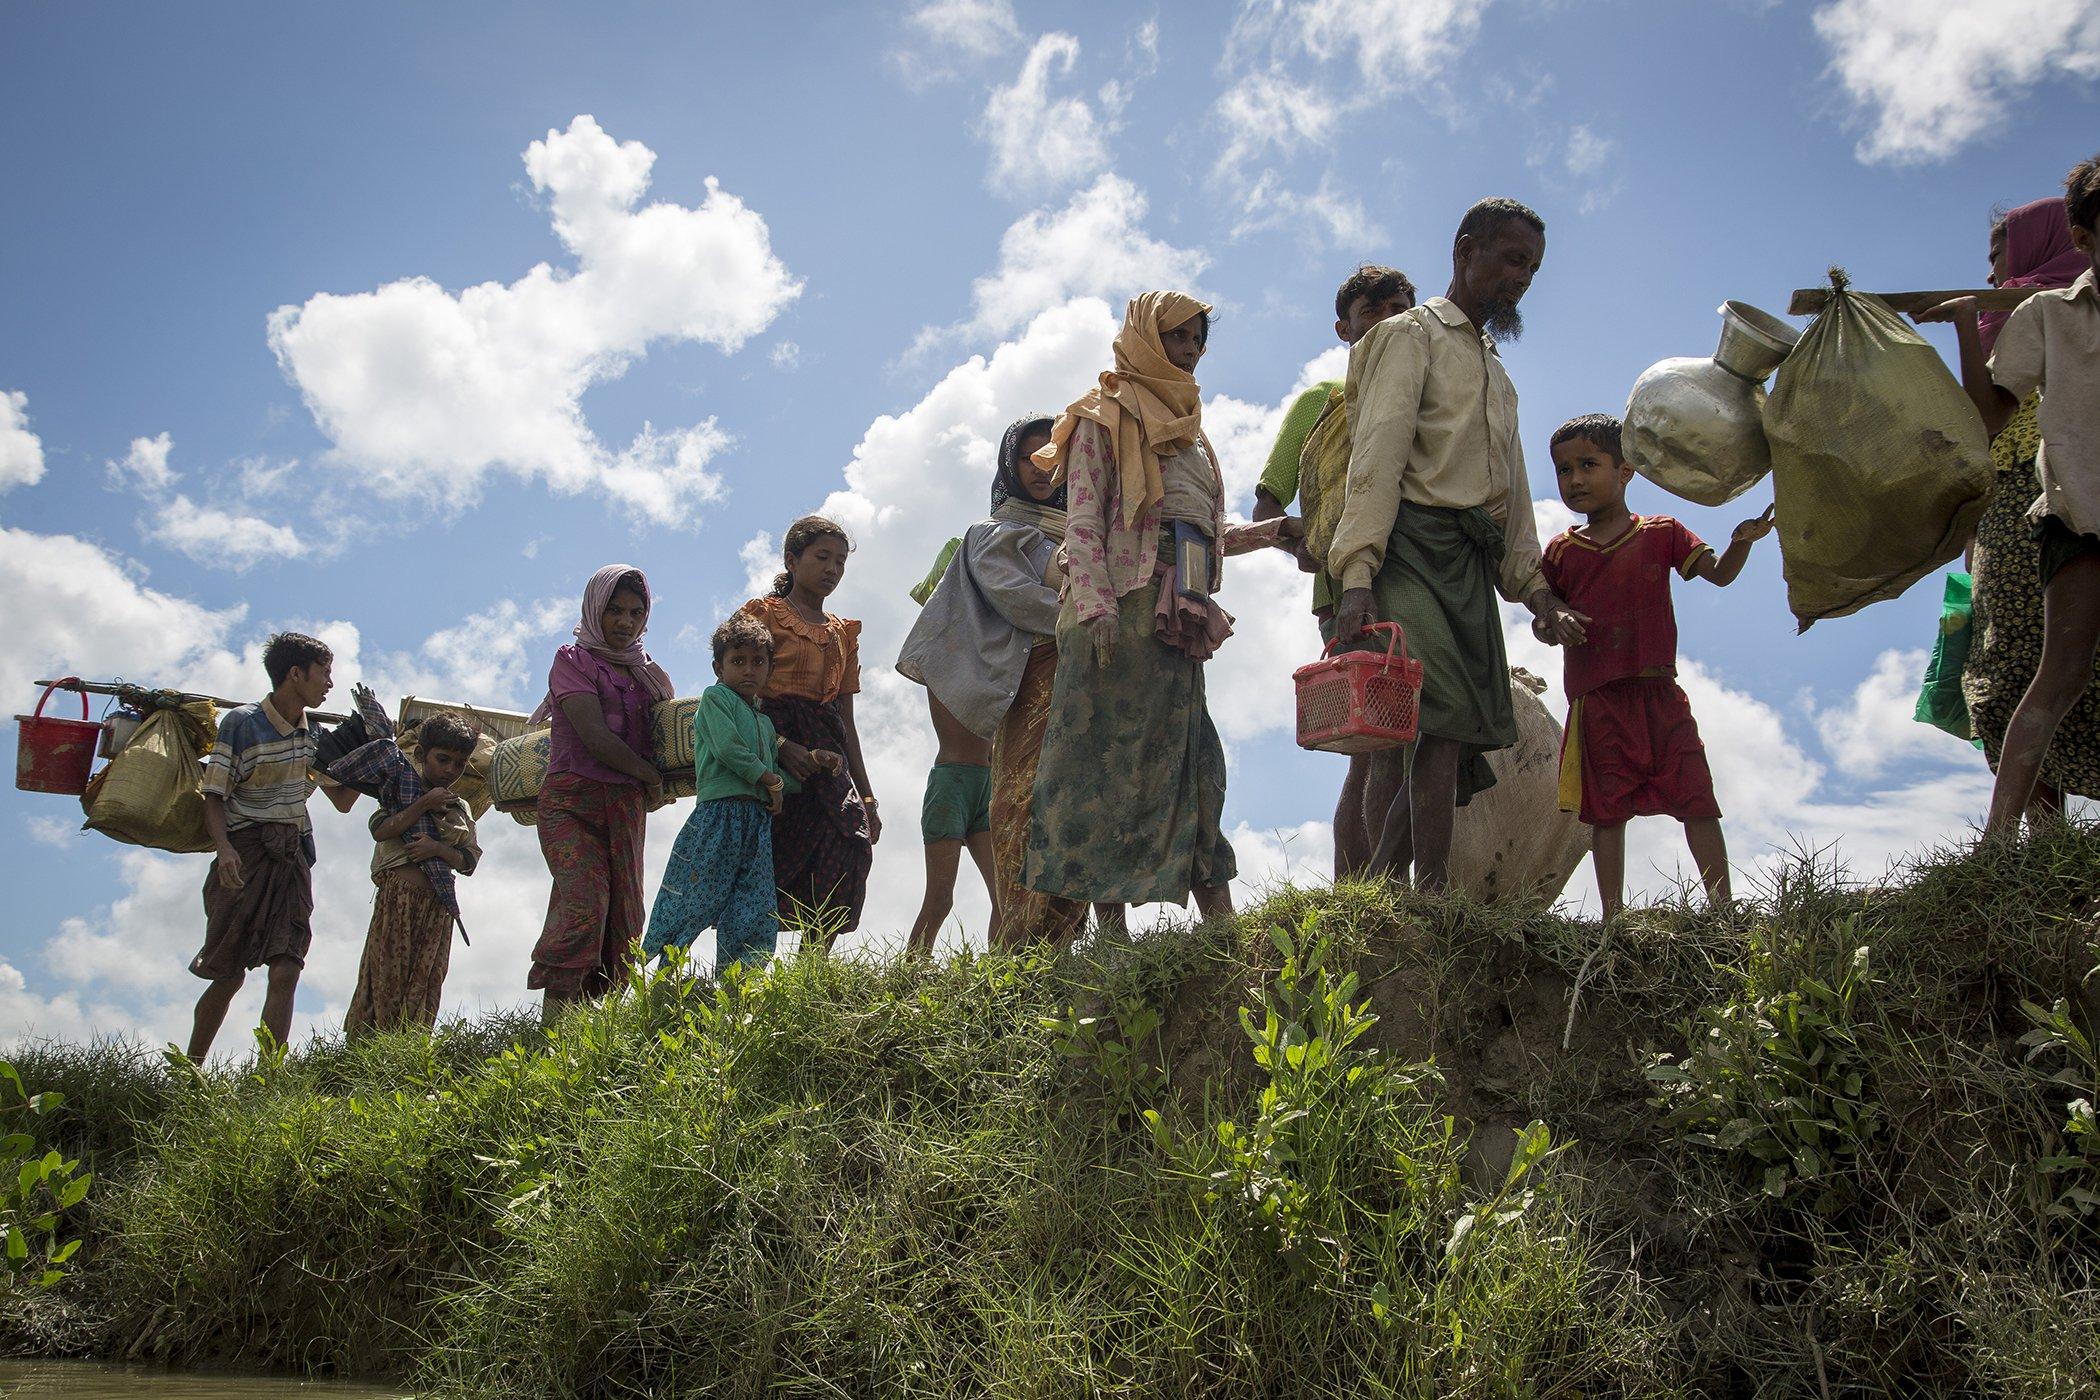 RF2129957_Rohingya 9 Oct 2017 004.jpg